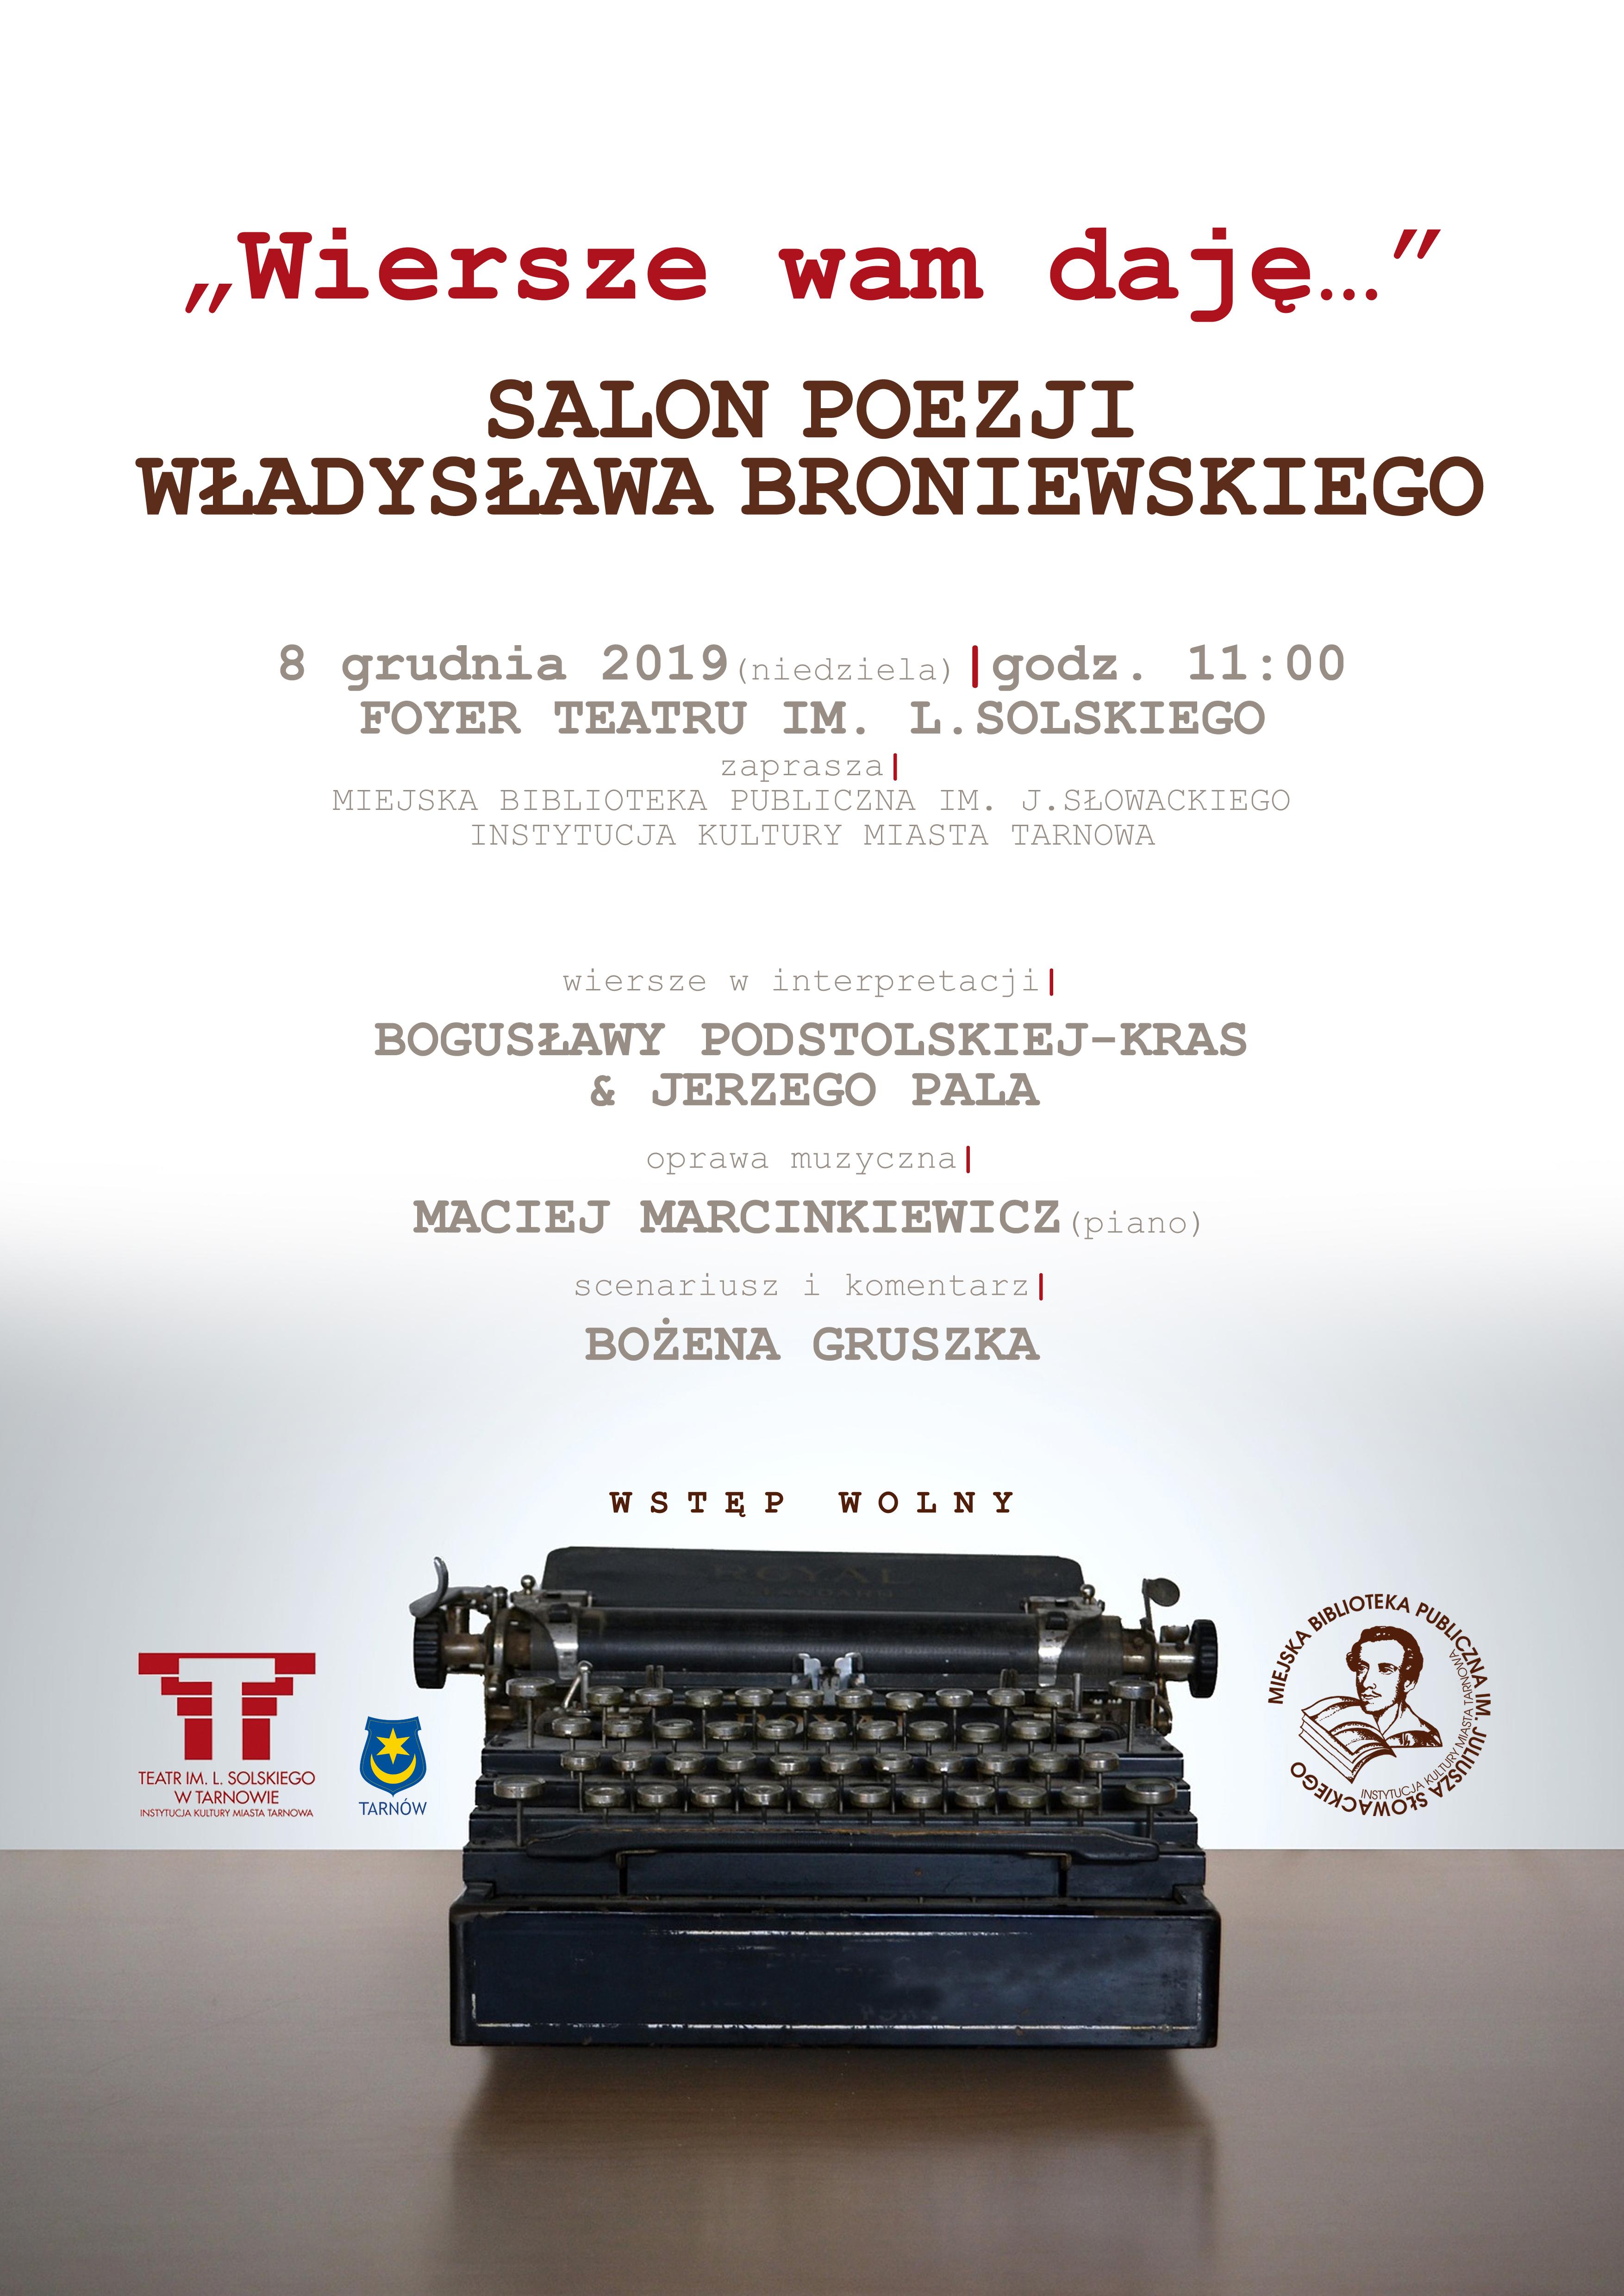 Wiersze Wam Daję Tarnów Polski Biegun Ciepła